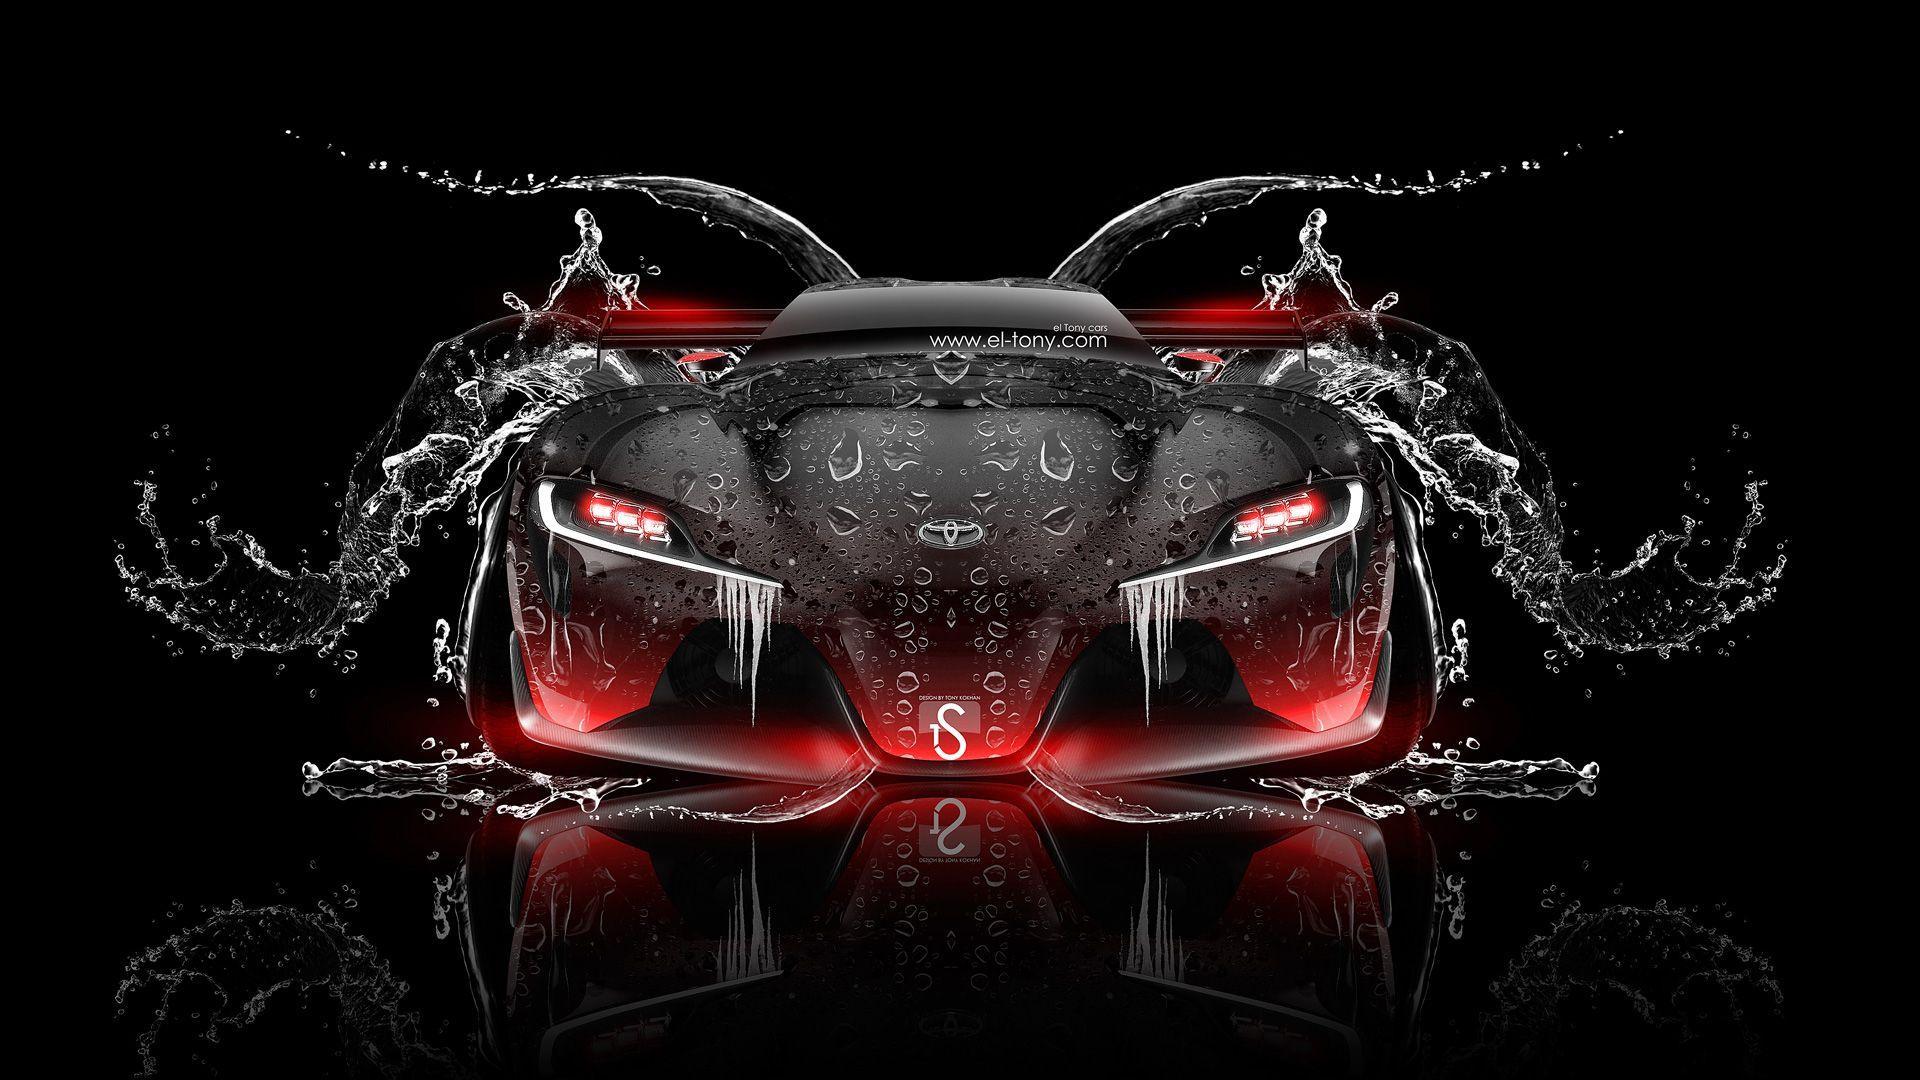 Hình nền 1920x1080 Toyota FT 1 & Supra Hi Res.  Diễn đàn SupraMKV Toyota Supra (Thế hệ A90 MKV)